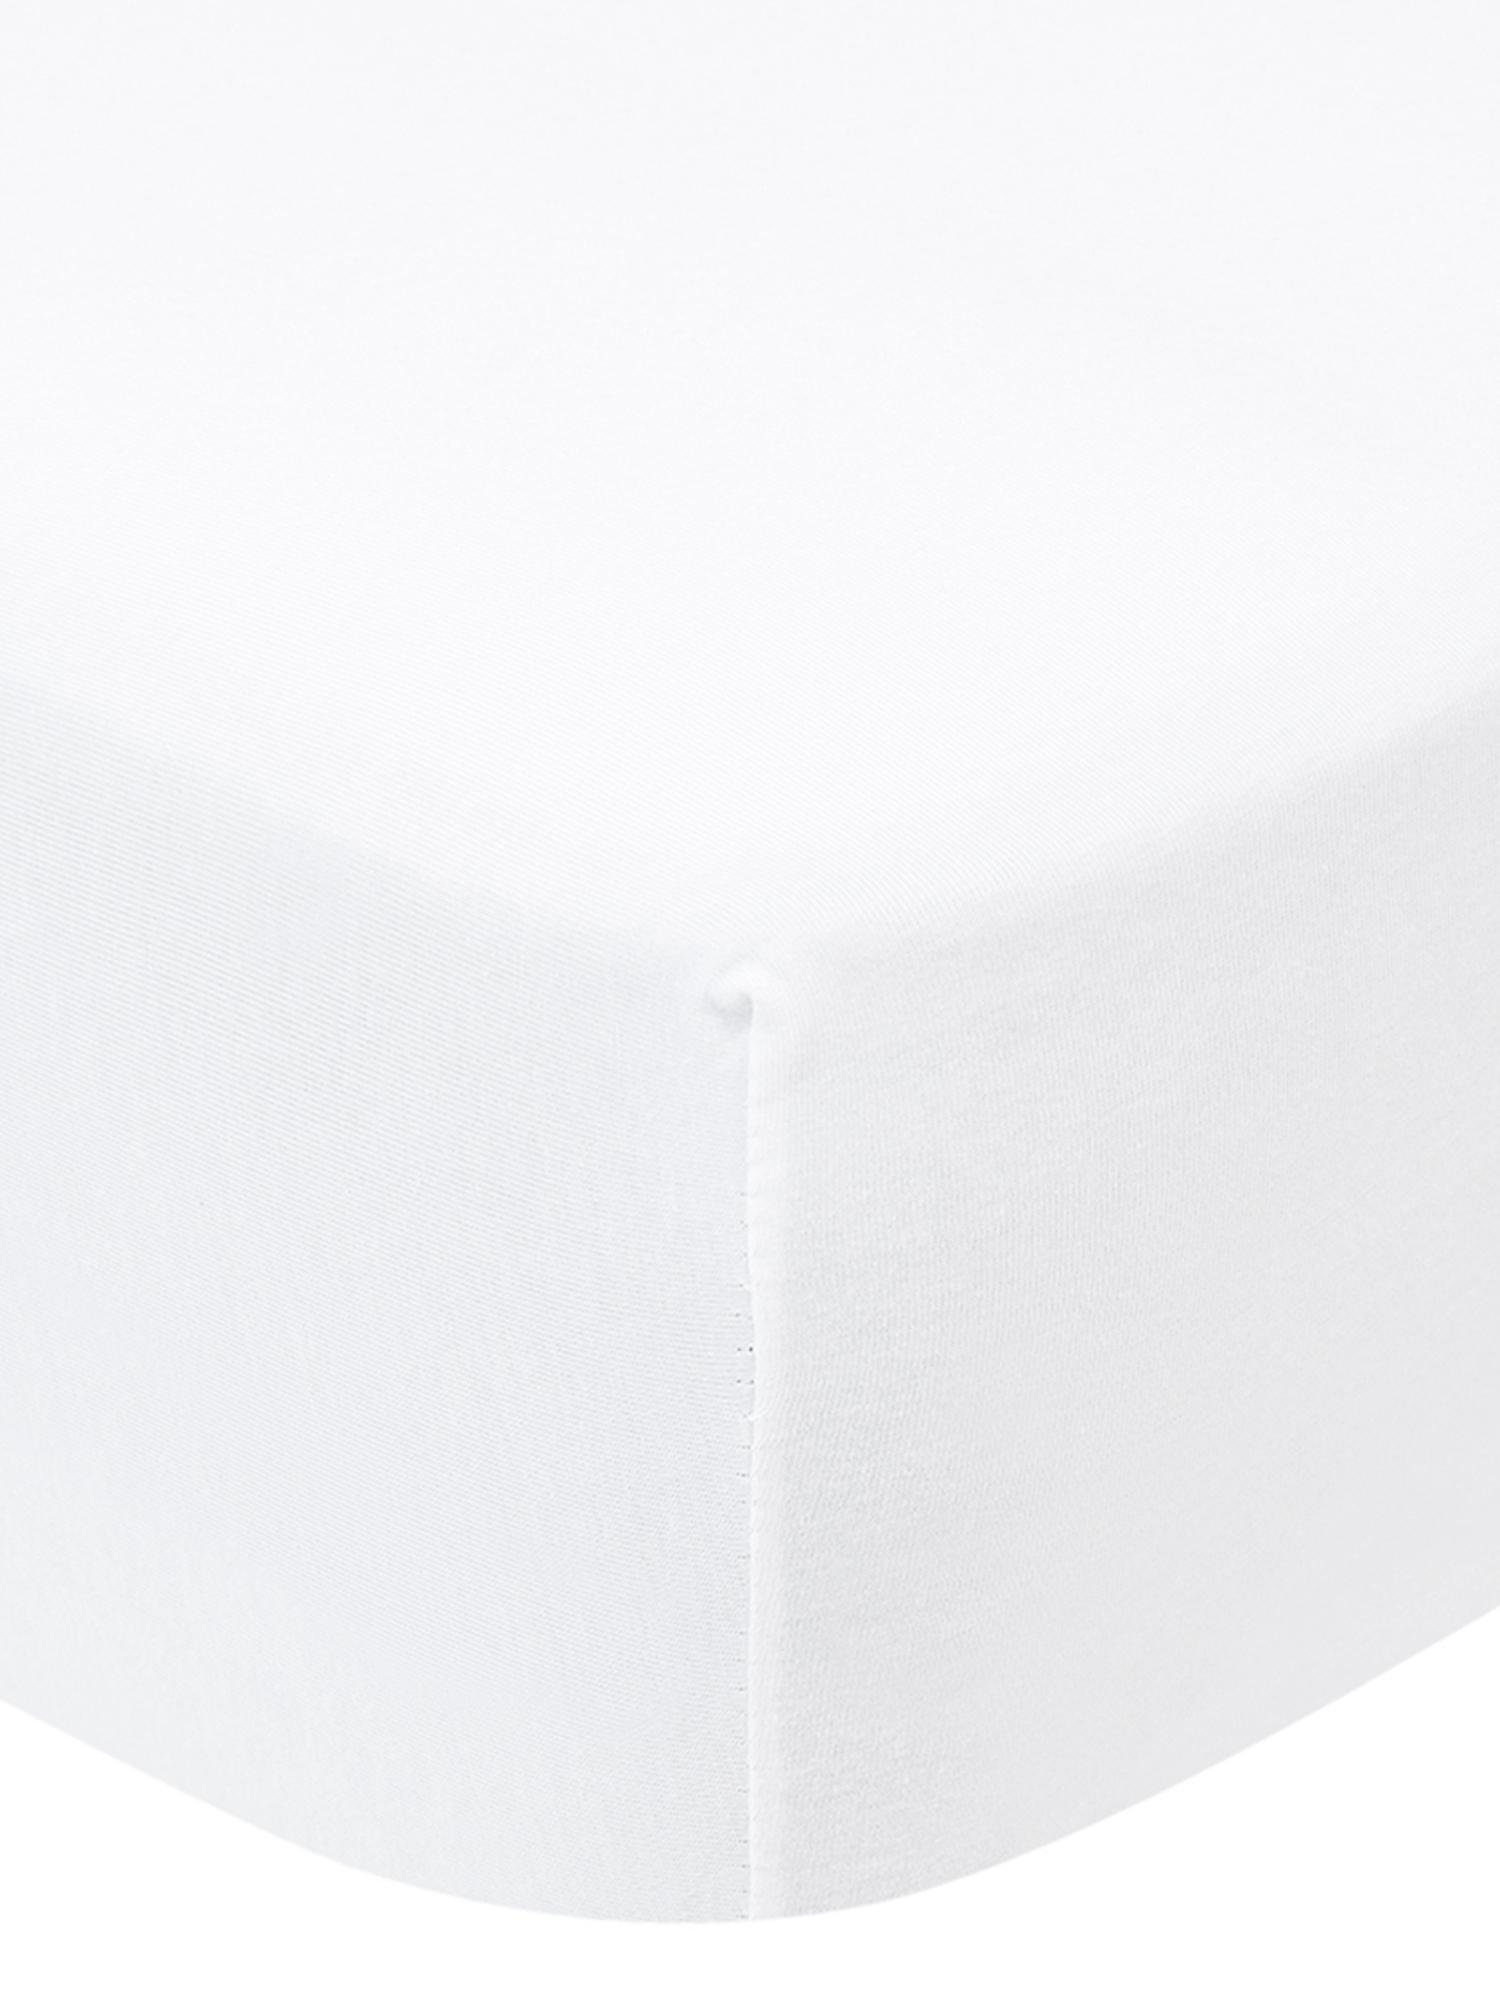 Spannbettlaken Lara, Jersey-Elasthan, 95% Baumwolle, 5% Elasthan, Weiß, 180 x 200 cm